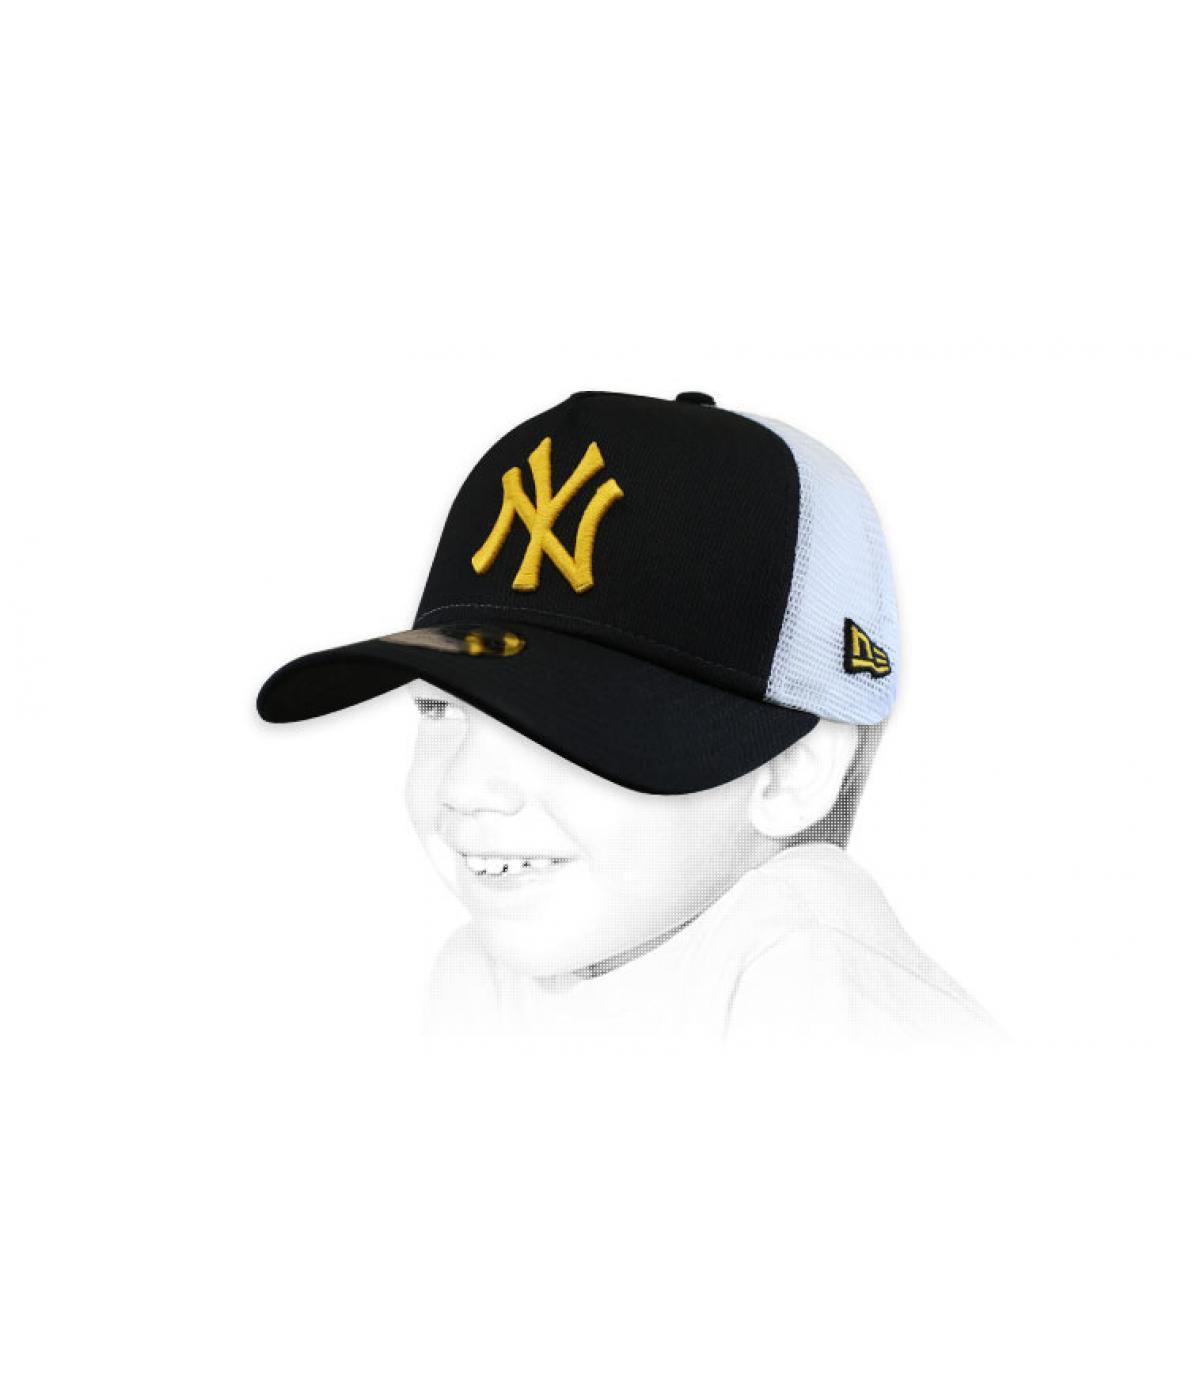 NY zwart-gele trucker voor kinderen